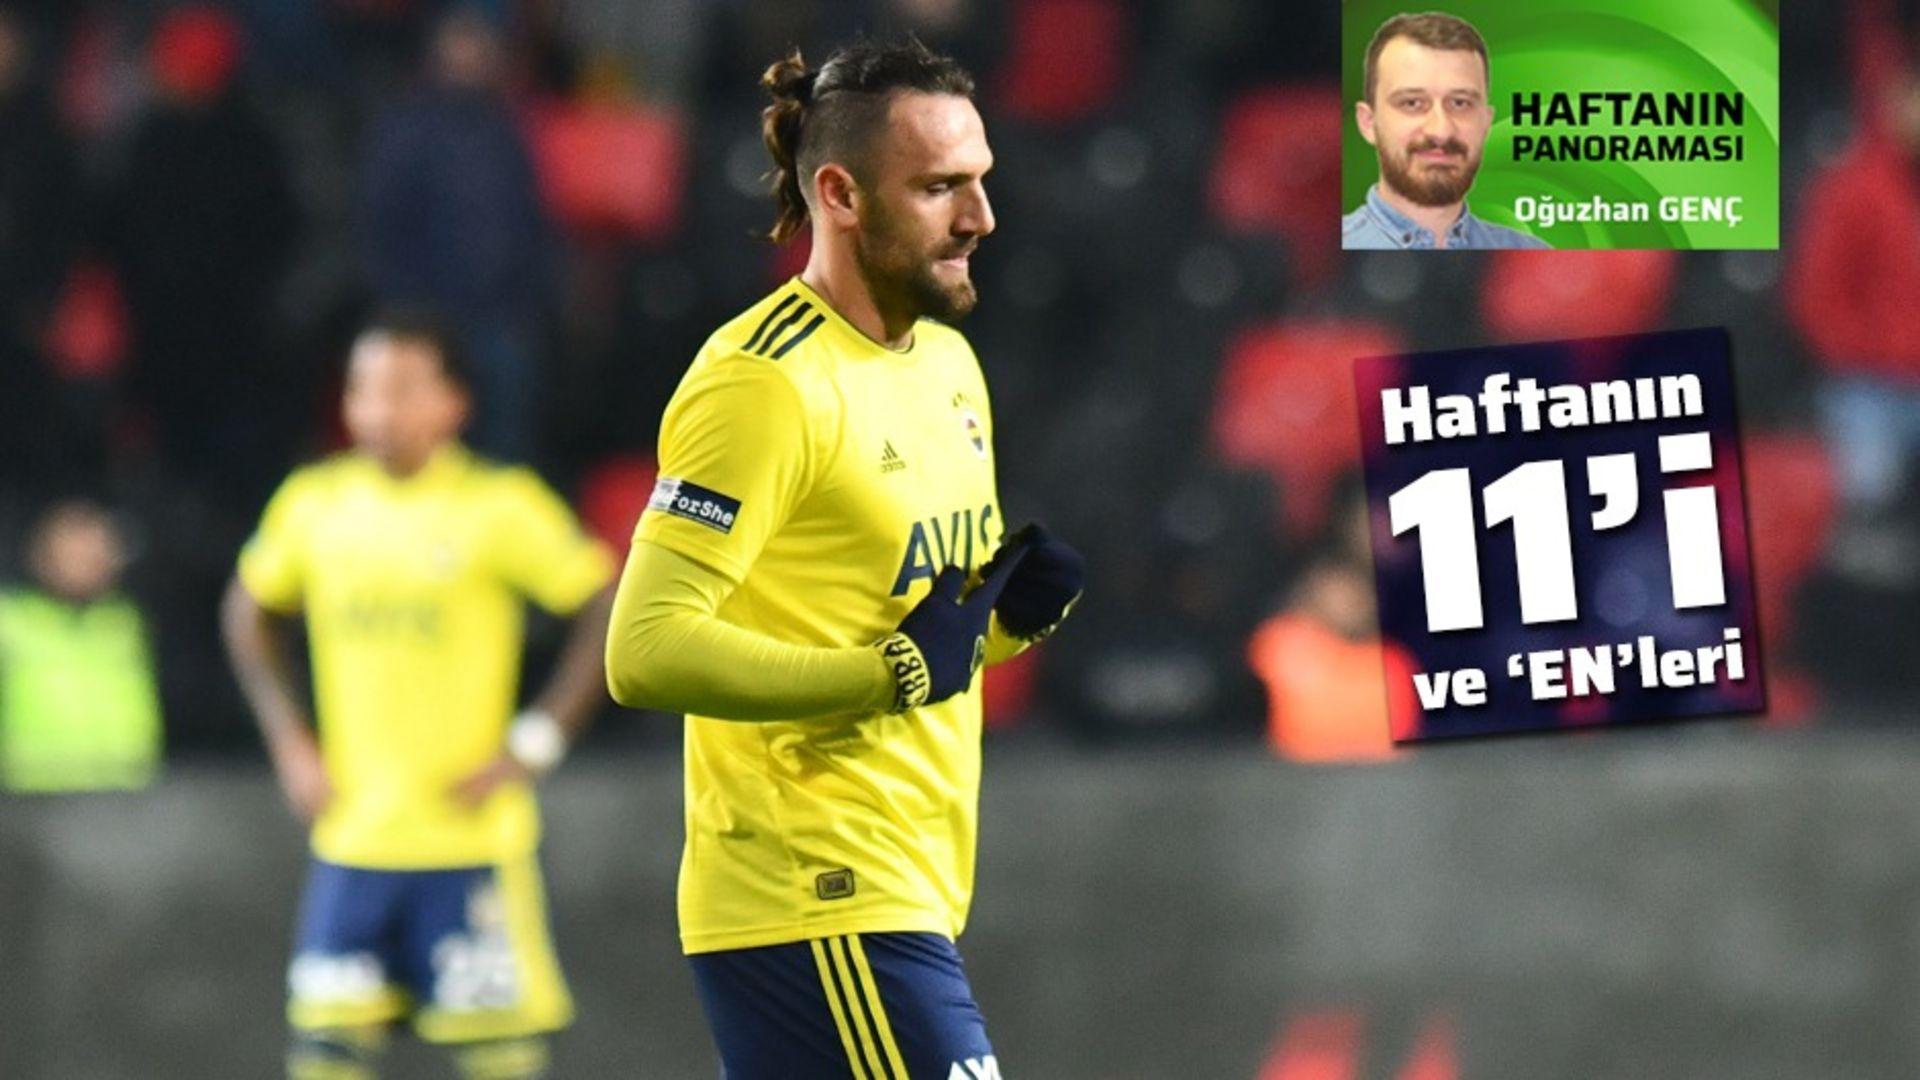 Süper Lig'de 18. haftanın panoraması